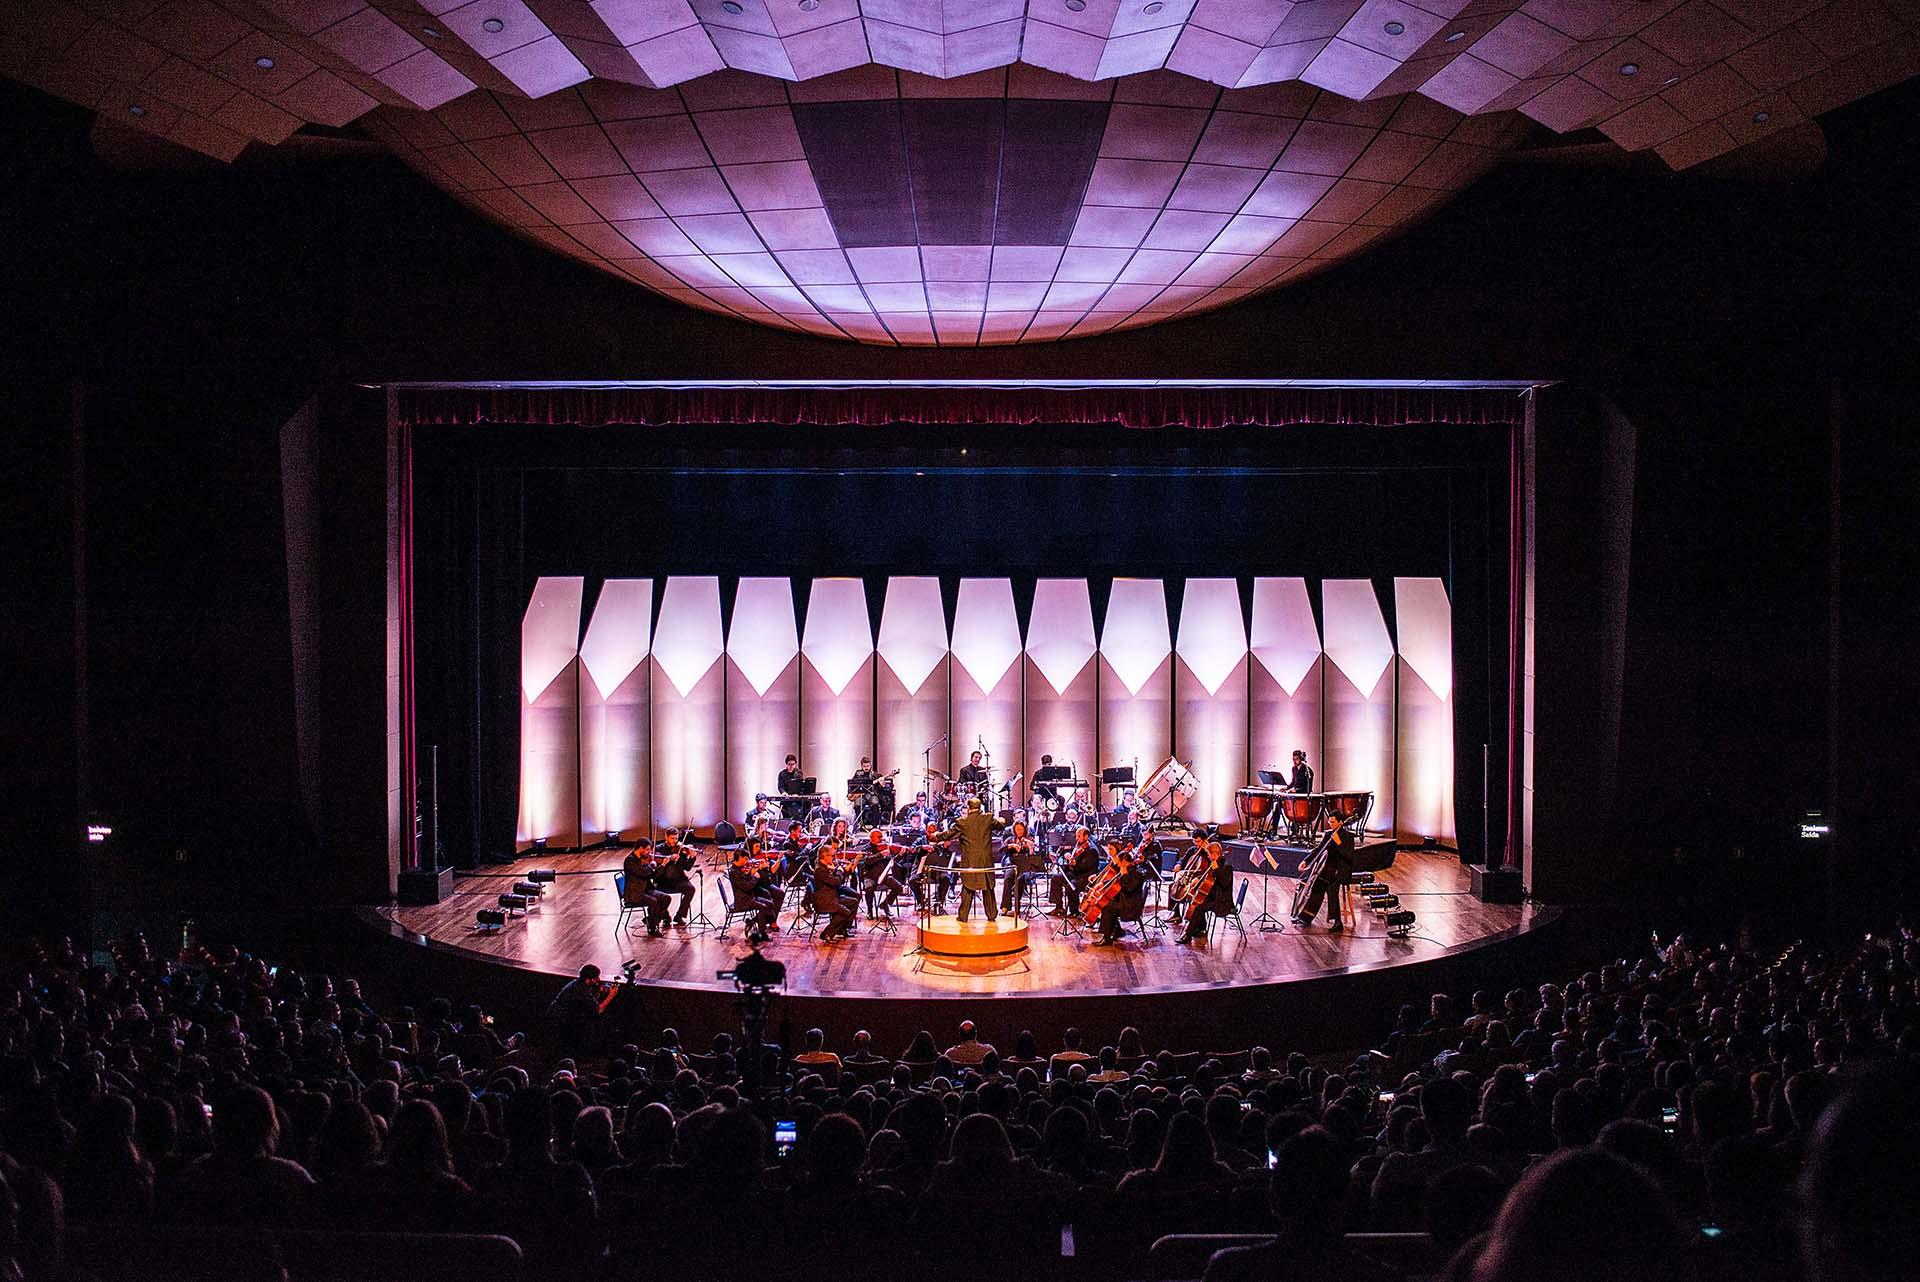 O Carnaval dos Animais é uma peça para dois pianos e orquestra do compositor francês Camille Saint-Saëns